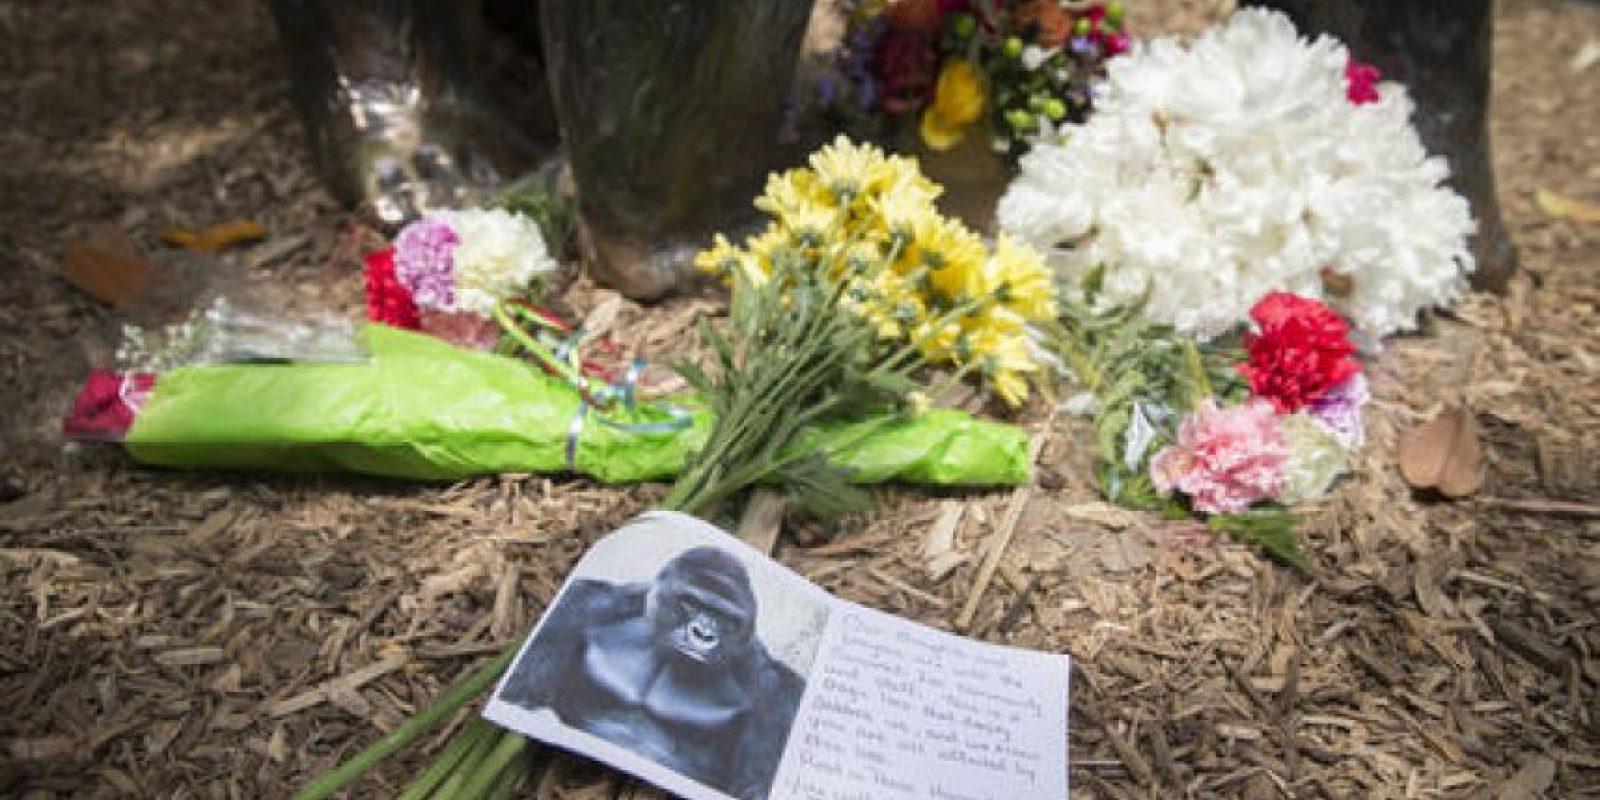 Su sacrifico ha sido duramente criticado. Foto:AP